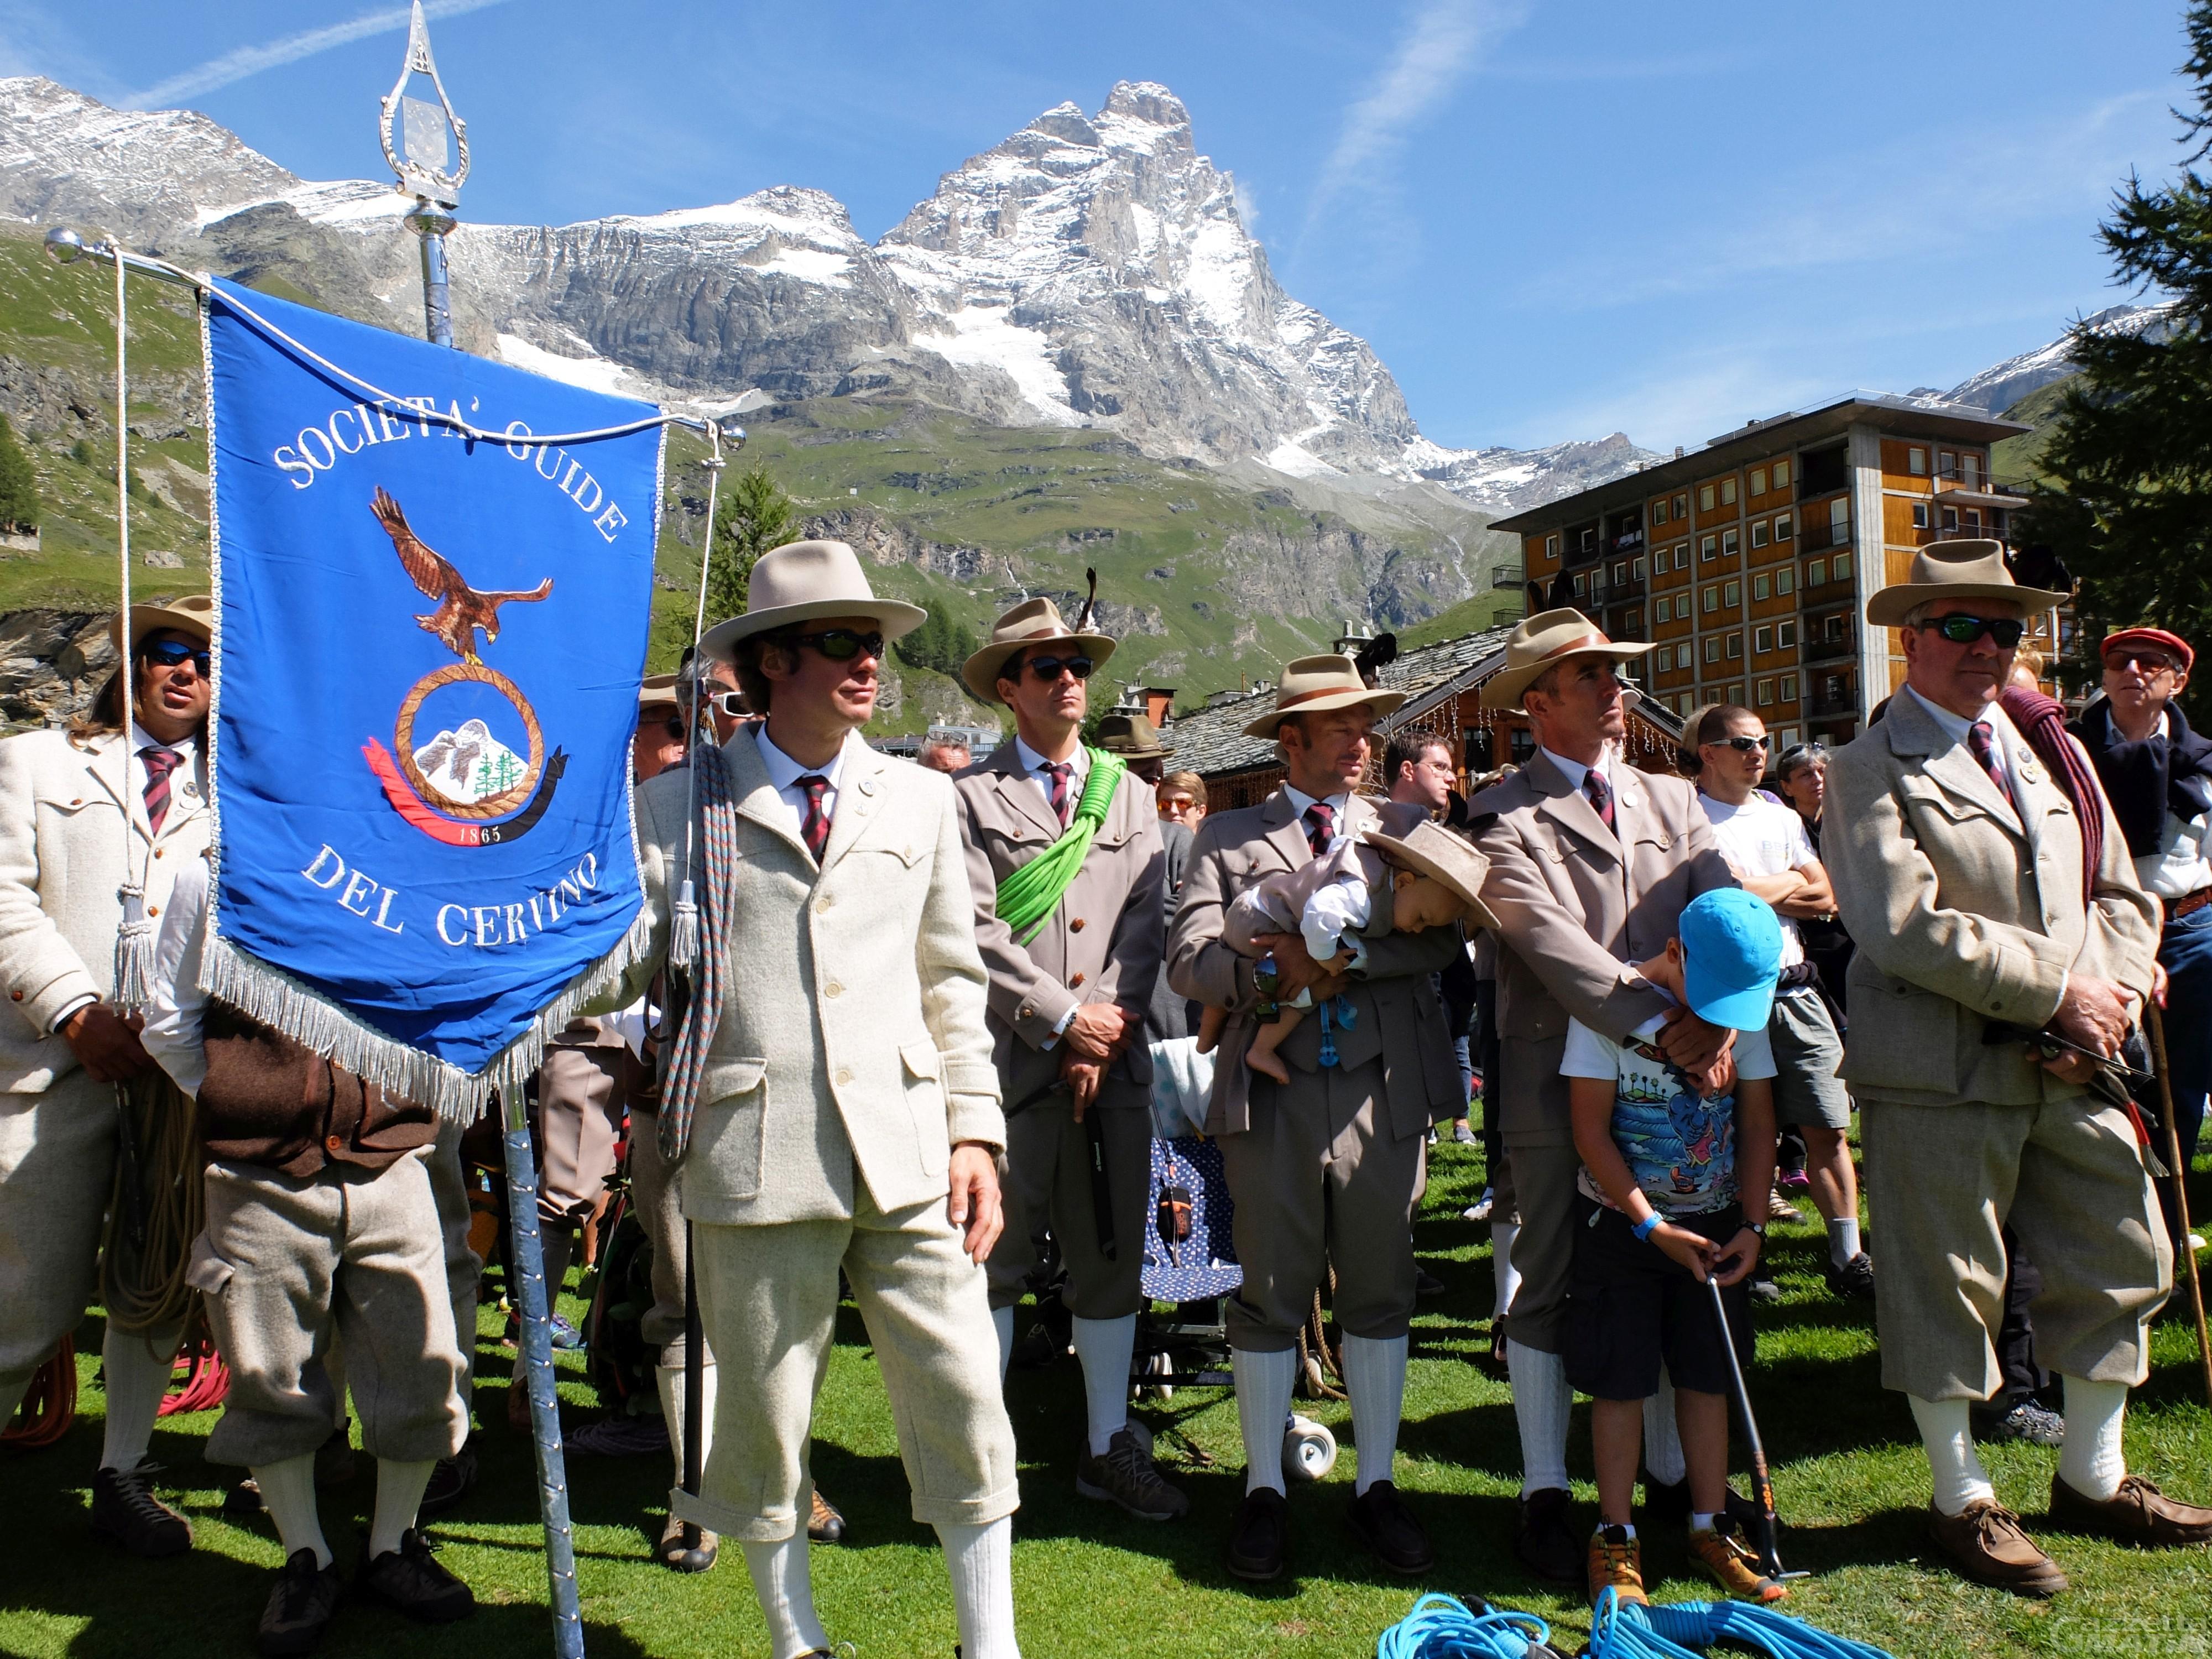 A Ferragosto festa delle Guide alpine valdostane